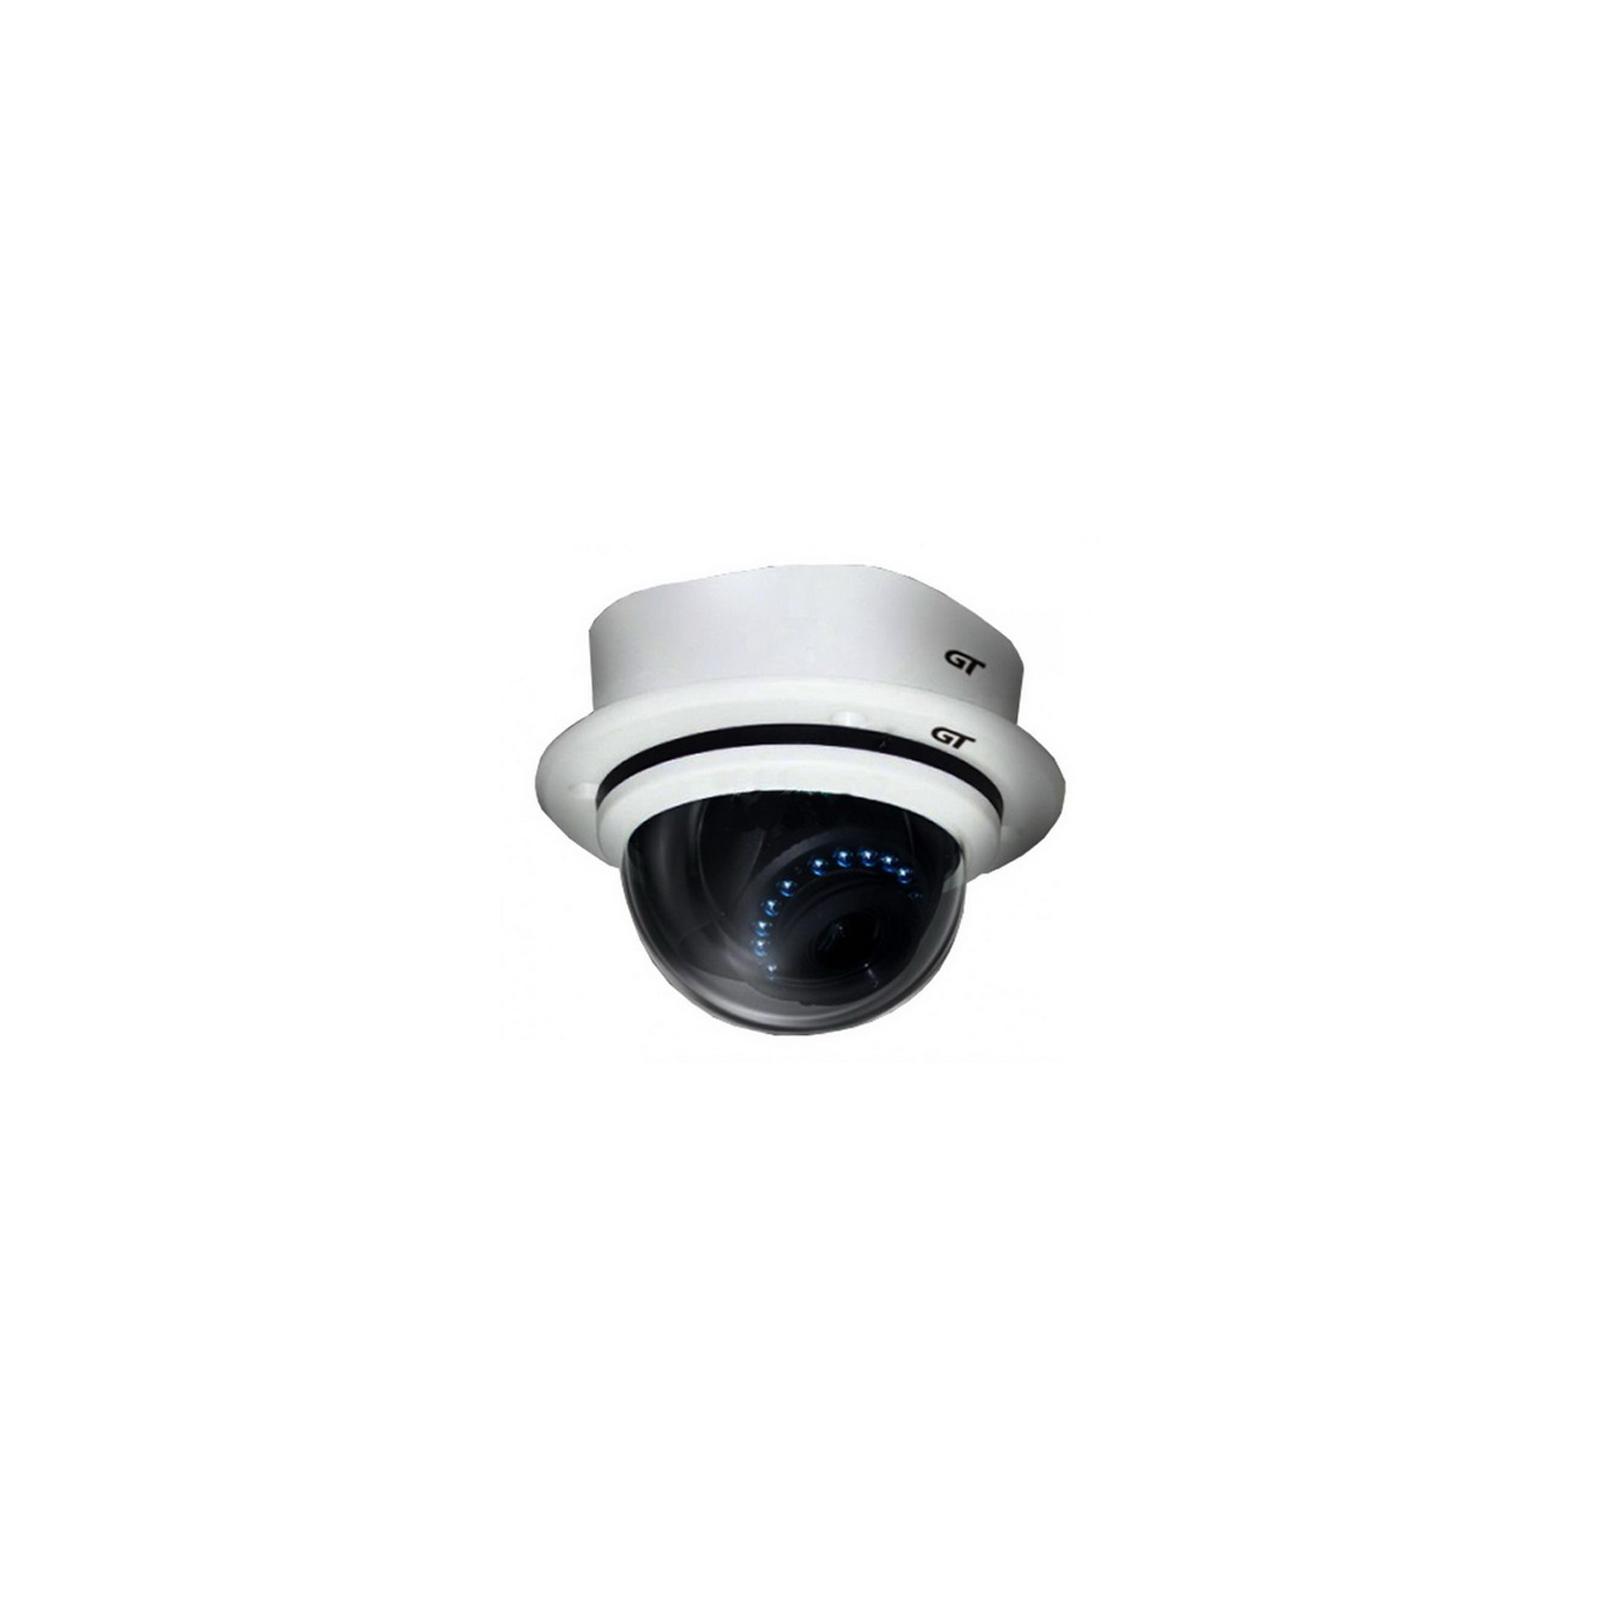 Камера видеонаблюдения GT Electronics AH180-13